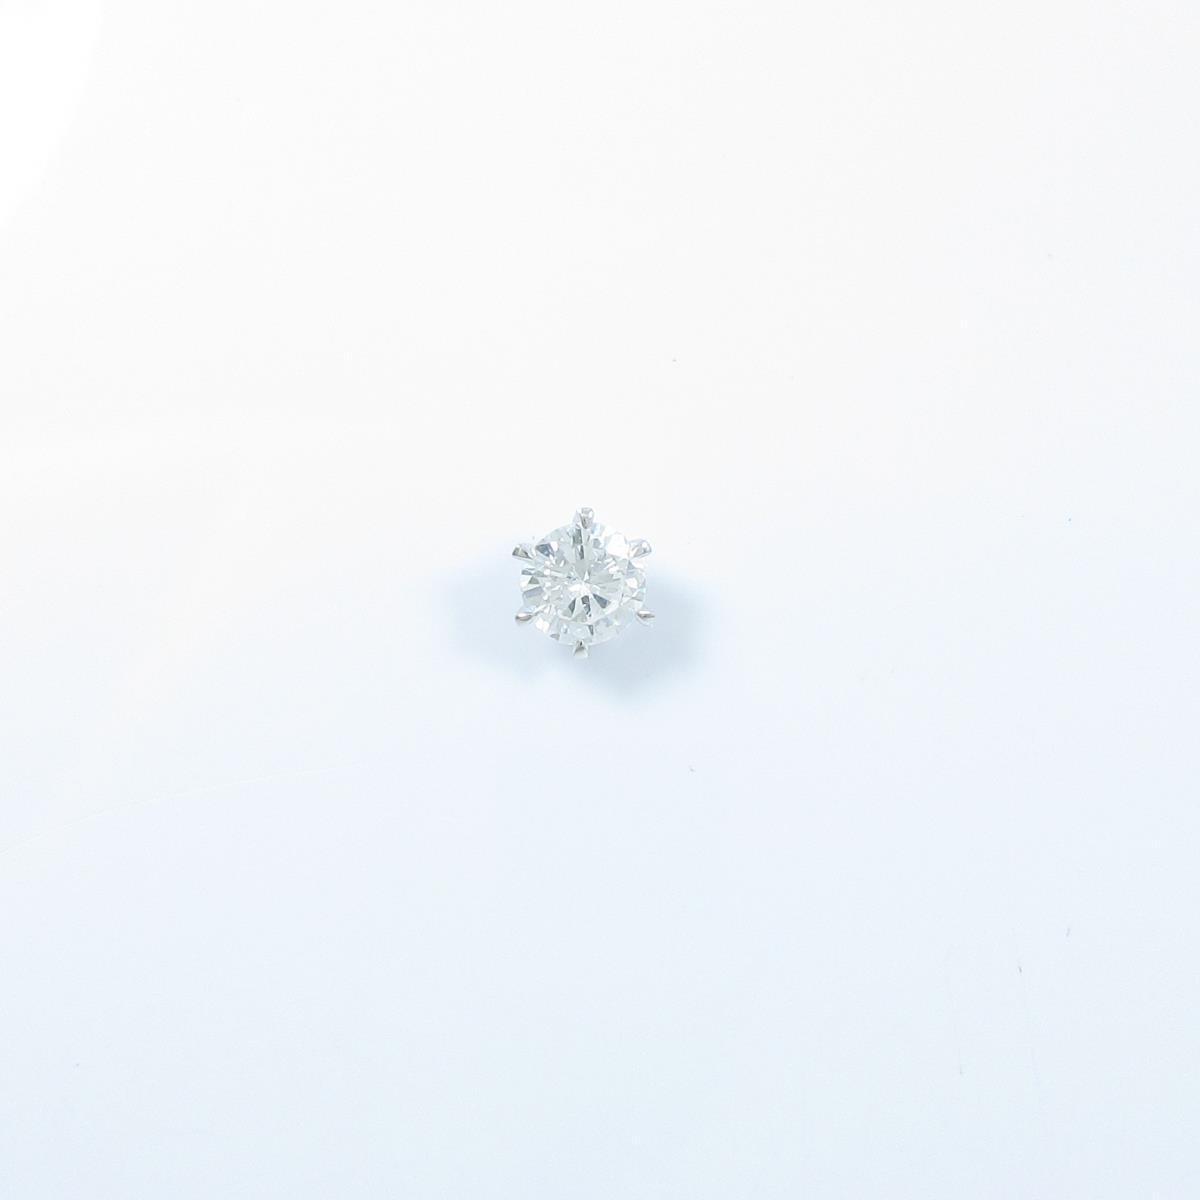 【リメイク】ST/プラチナダイヤモンドピアス 0.515ct・E・SI2・FAIR 片耳【中古】